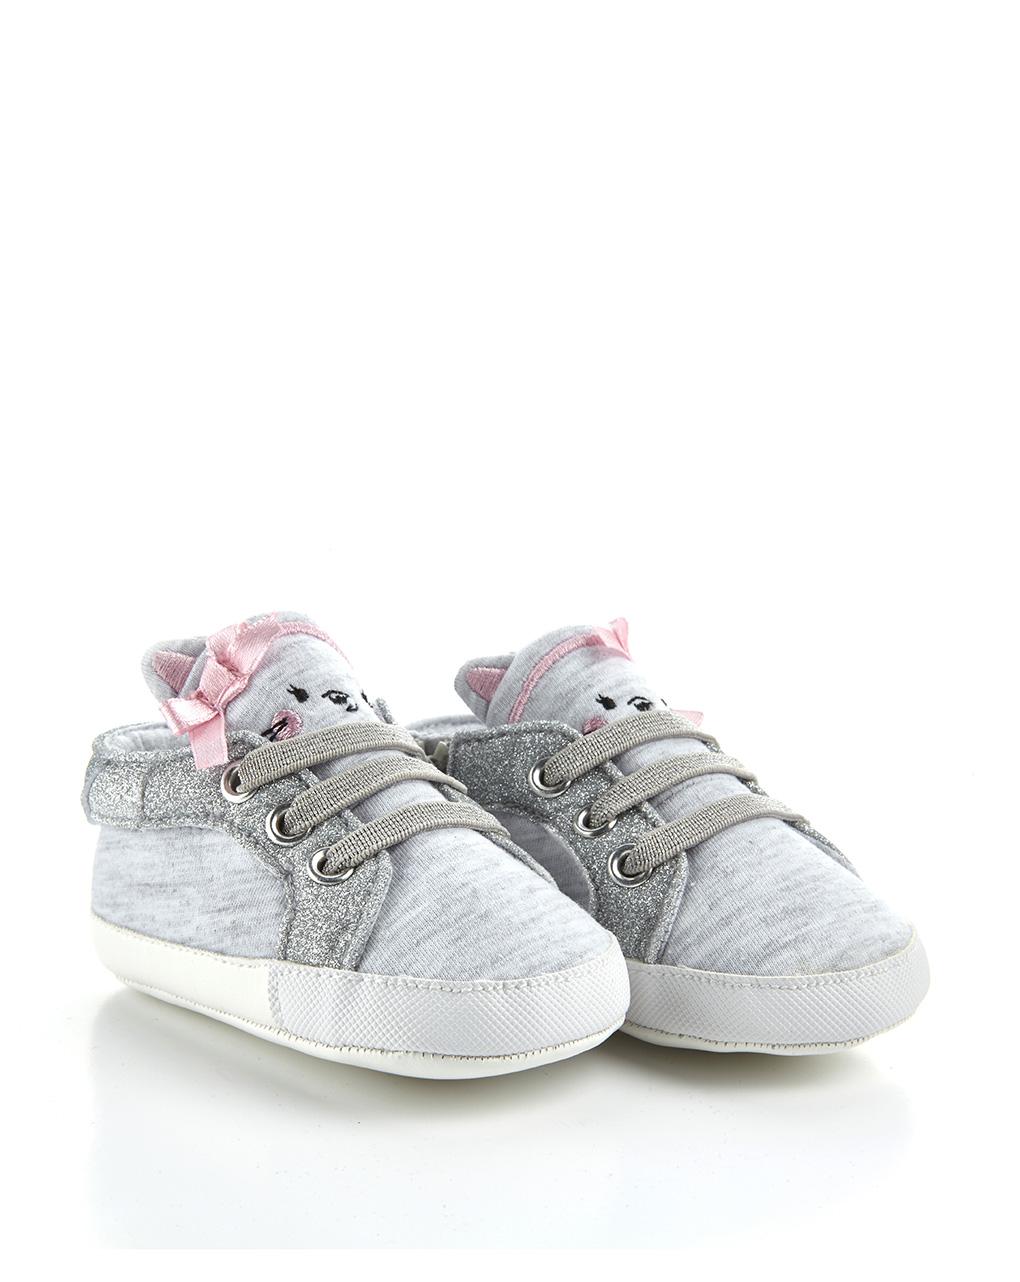 Βρεφικά Παπούτσια Αγκαλιάς Interlock Γκρι Mélange για Κορίτσι